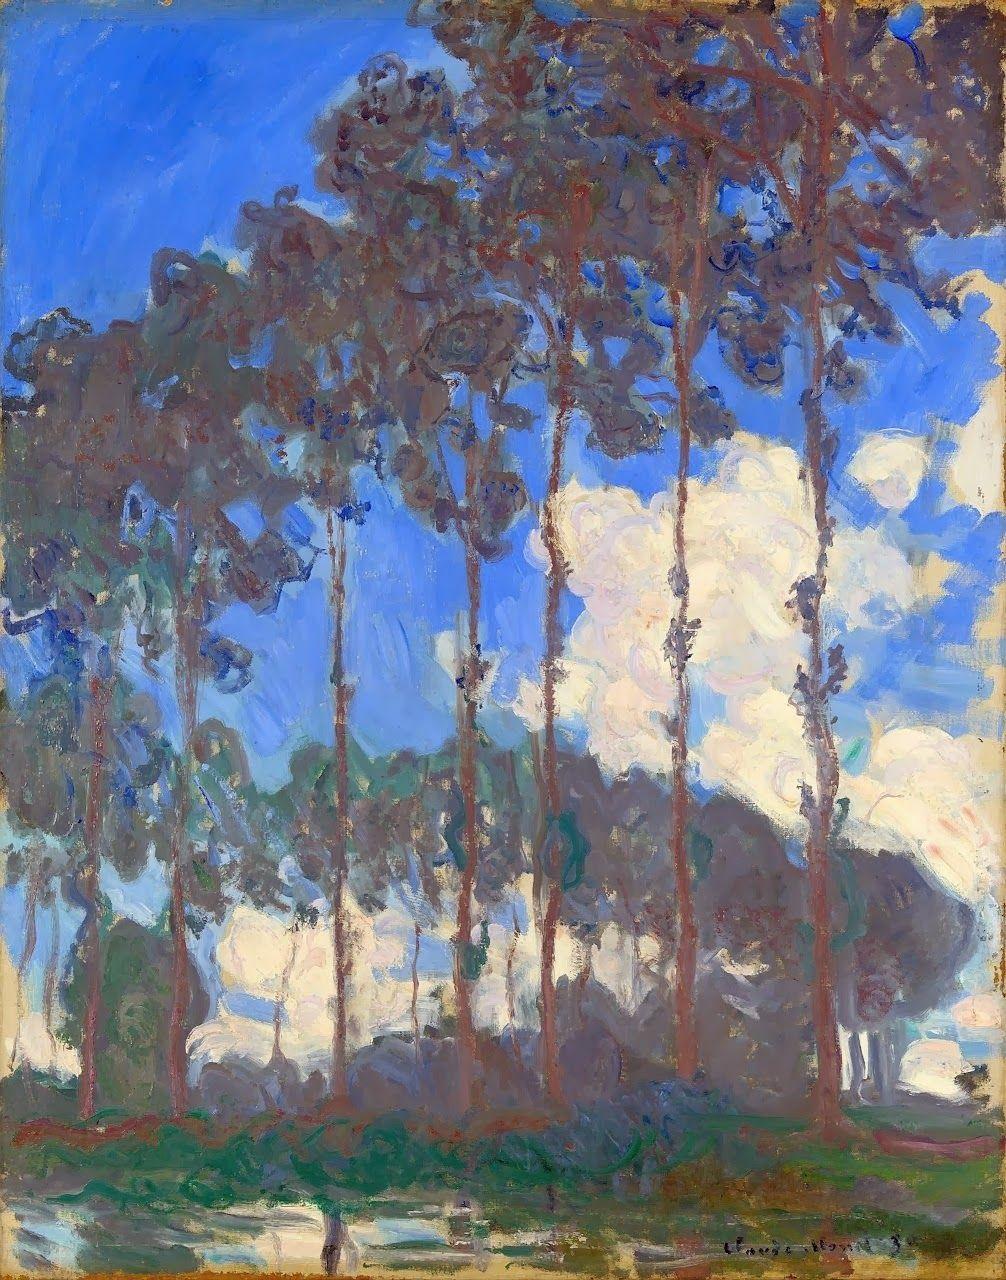 Épinglé par Loca sur art | Monet, Peintre monet, Art